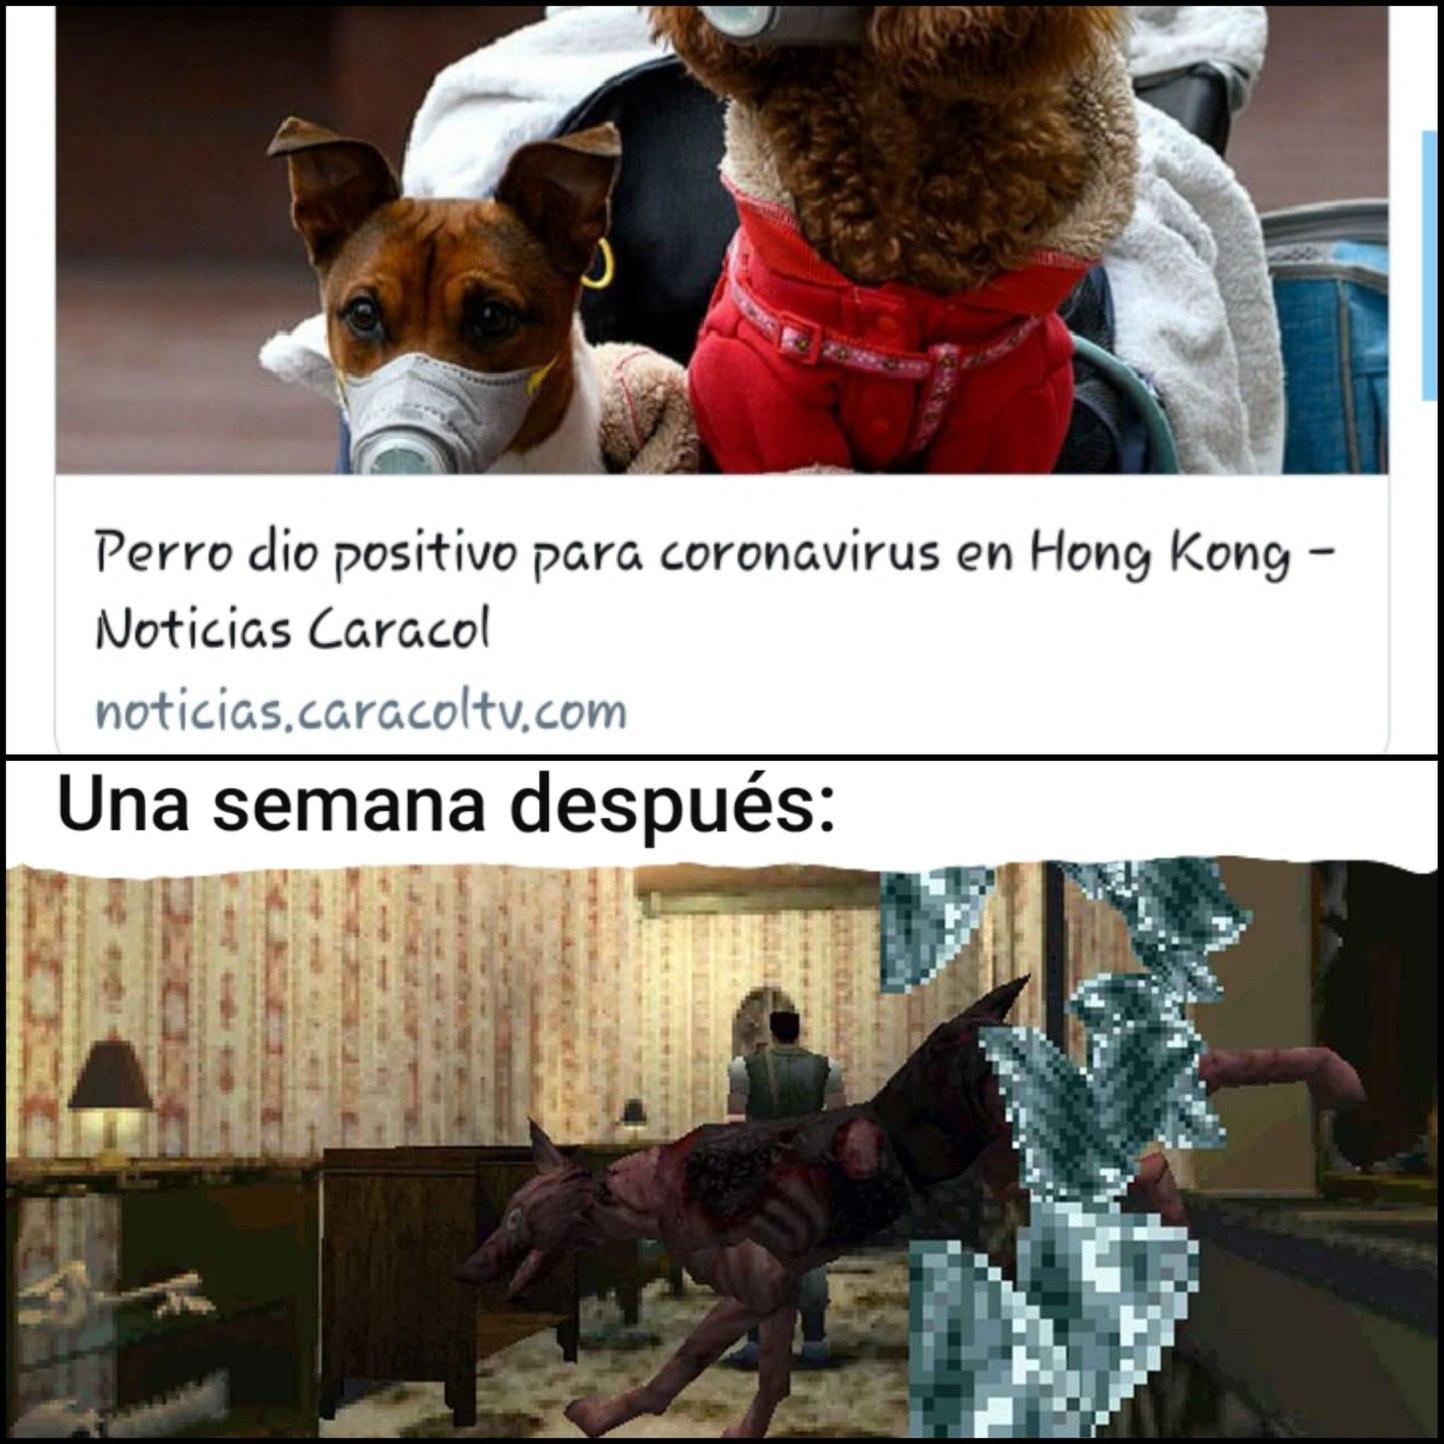 Plot twist: Se comen los perros xd - meme